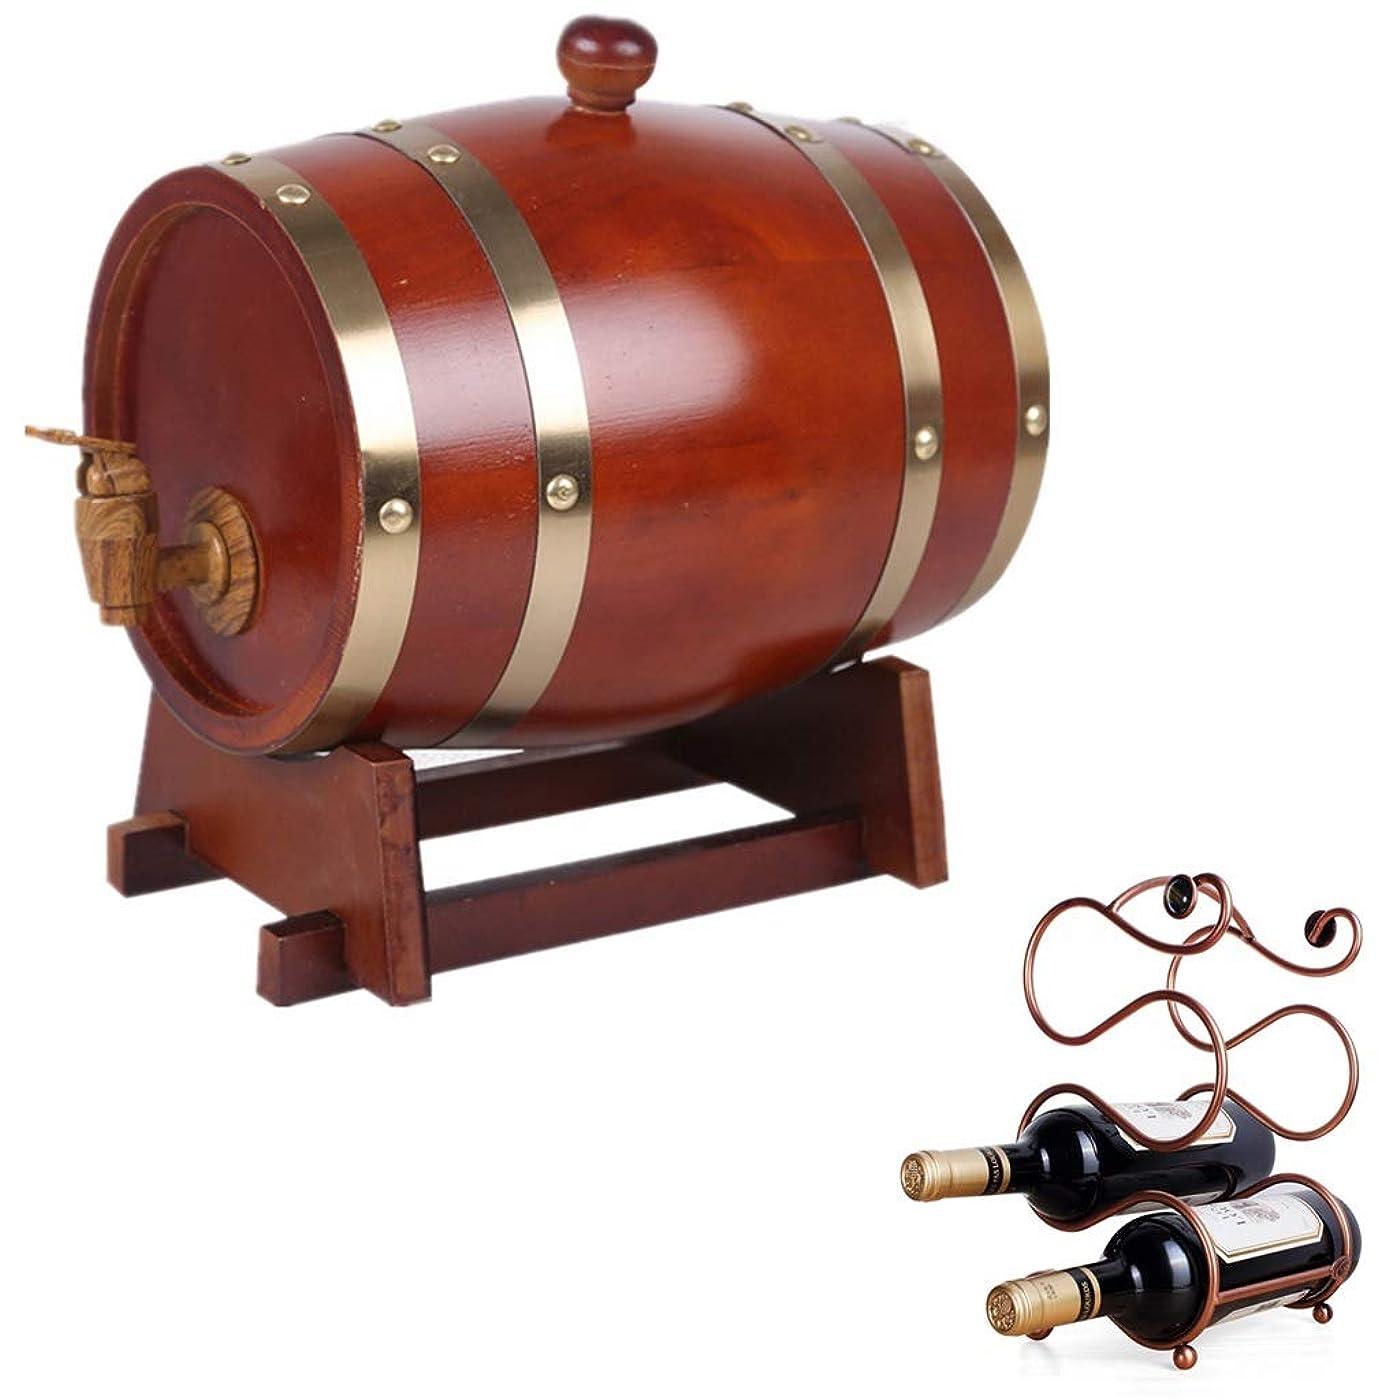 前提比べる違法ワイン樽 オークエージングバレル3L、ラムウイスキーワインブランデーの保存に適したワインラックが付いた手作りウイスキーディスペンサー ウイスキー樽 (Color : Chocolate, Size : 3L)